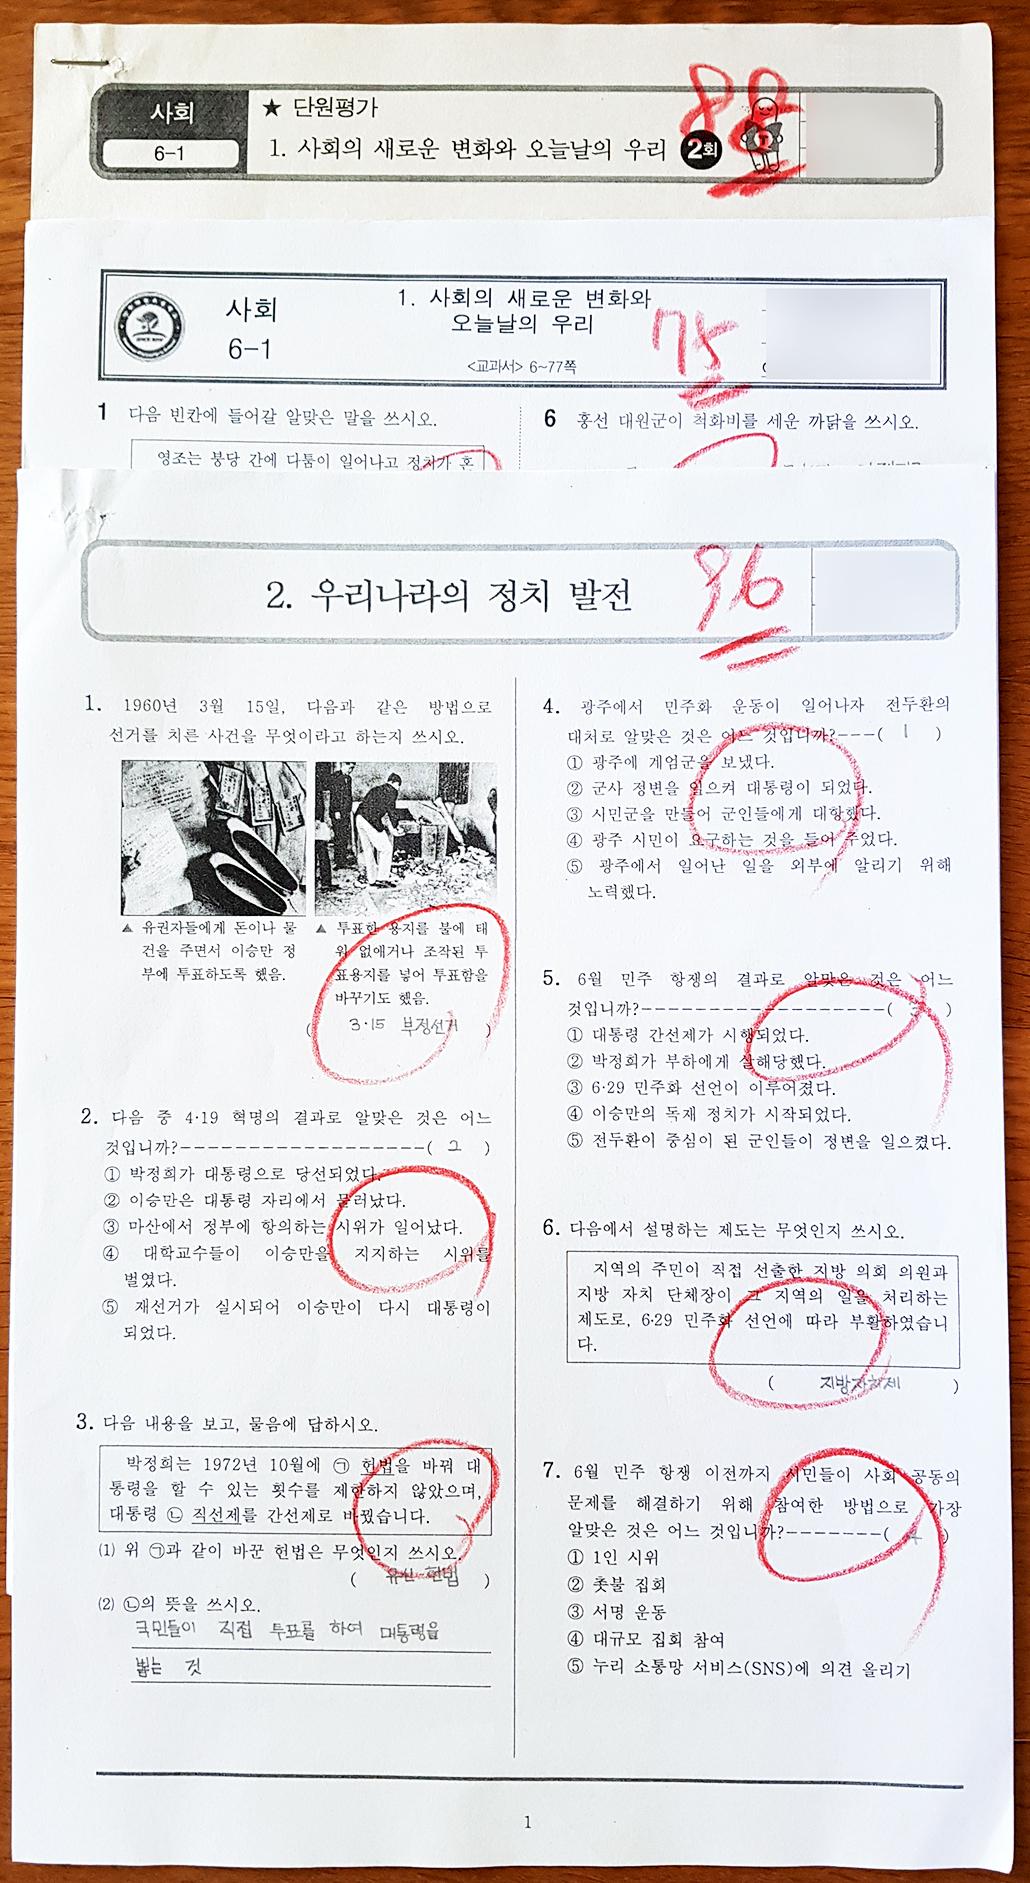 초등 6-1 사회단원평가 시험지.jpg